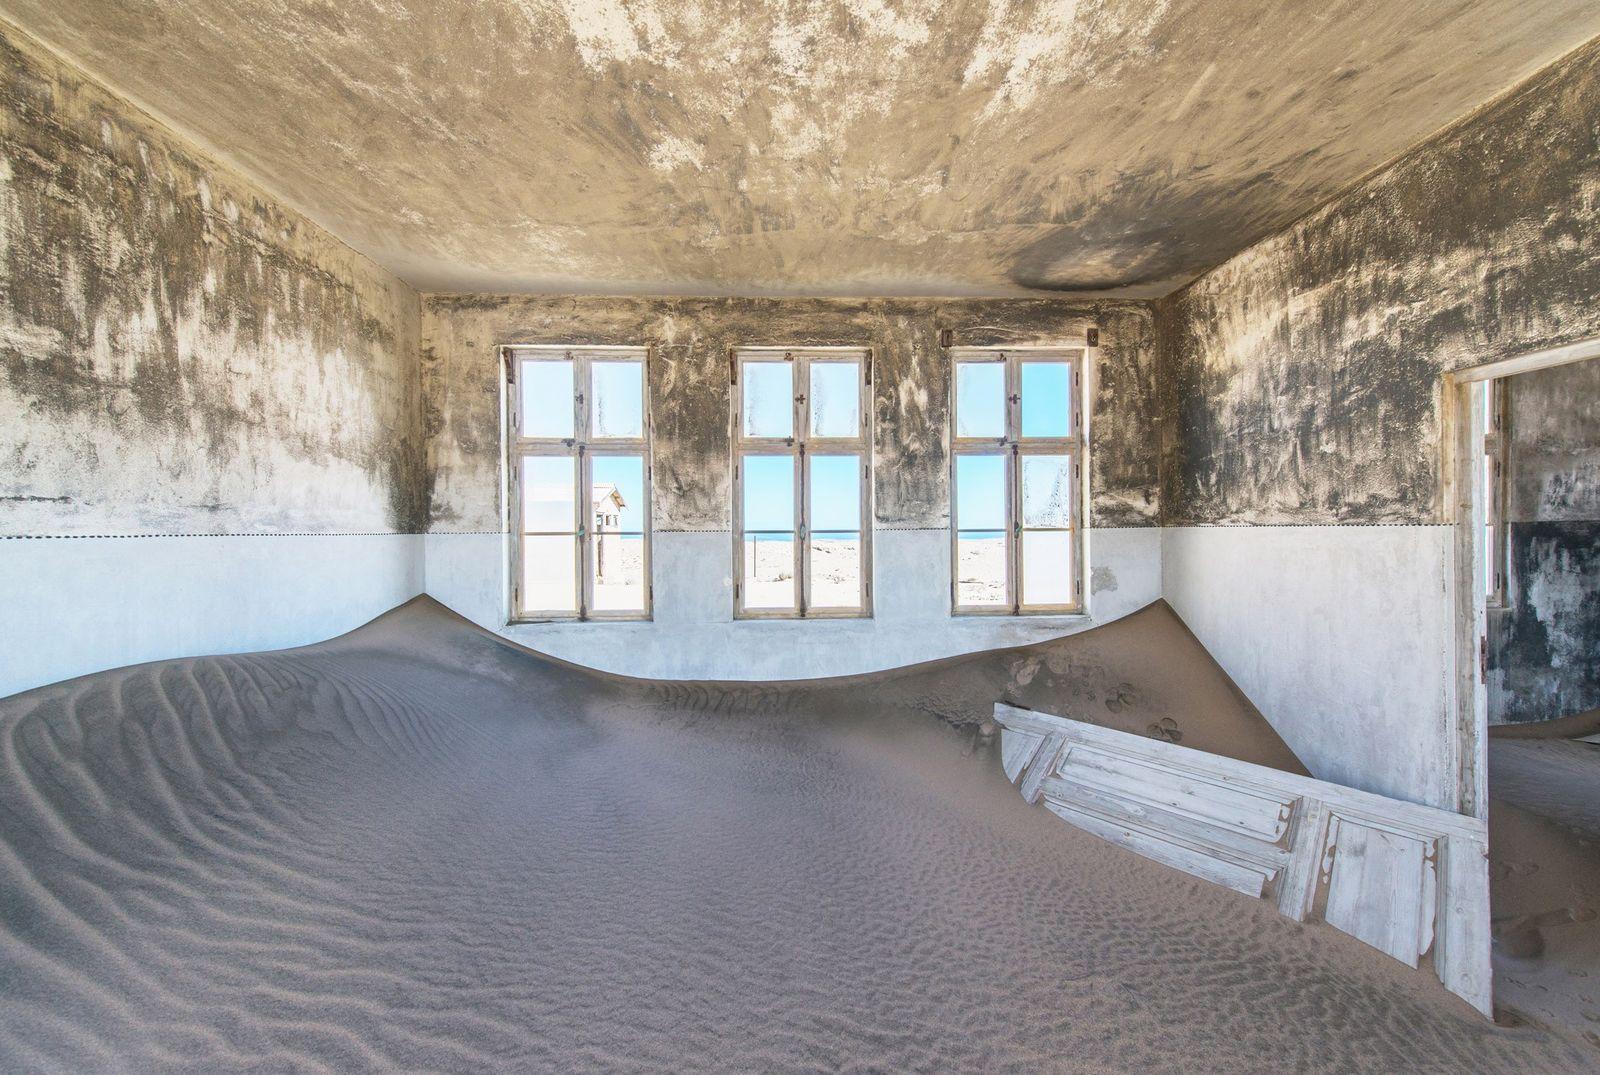 En Namibie, cette ville fantôme est devenue une attraction touristique